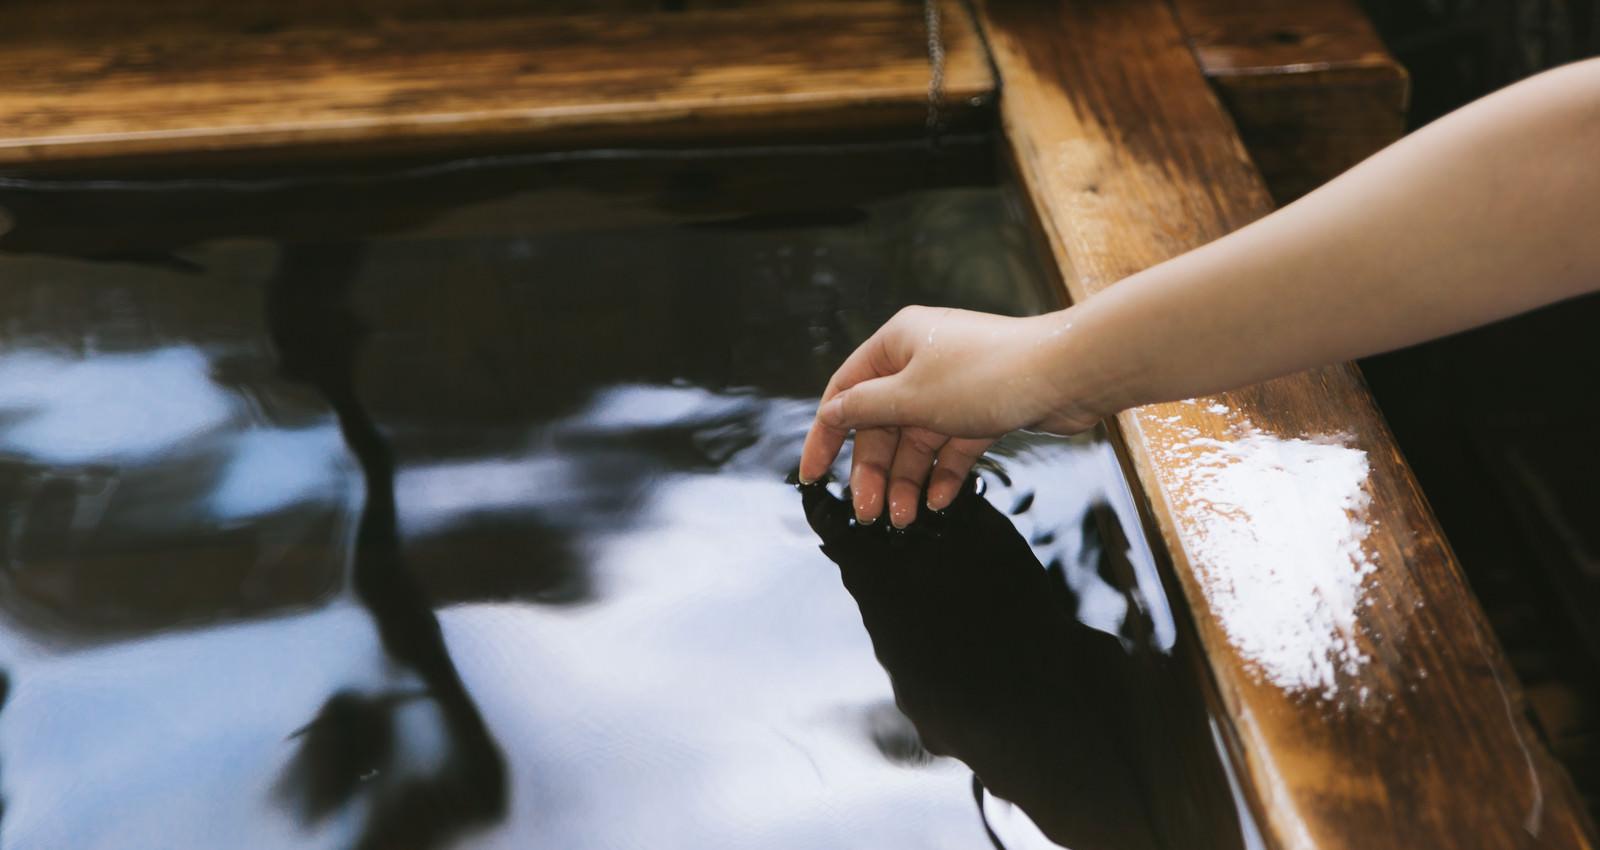 「湯船に手を入れて湯温を確かめる」の写真